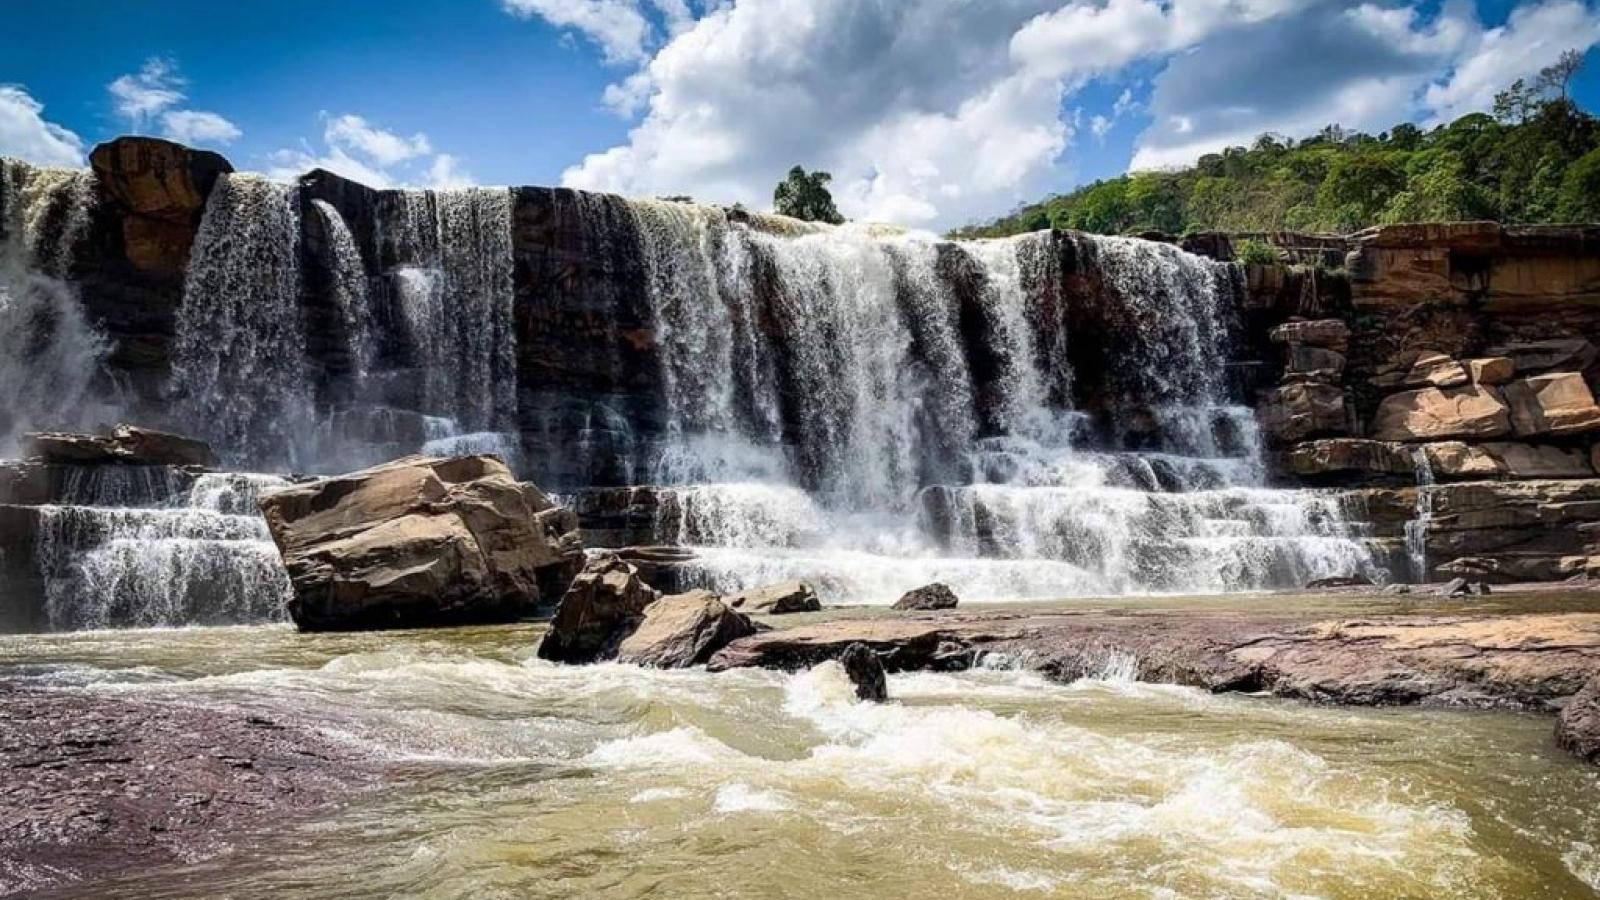 Attapeu - xứ sở của những ngọn thác kỳ vĩ